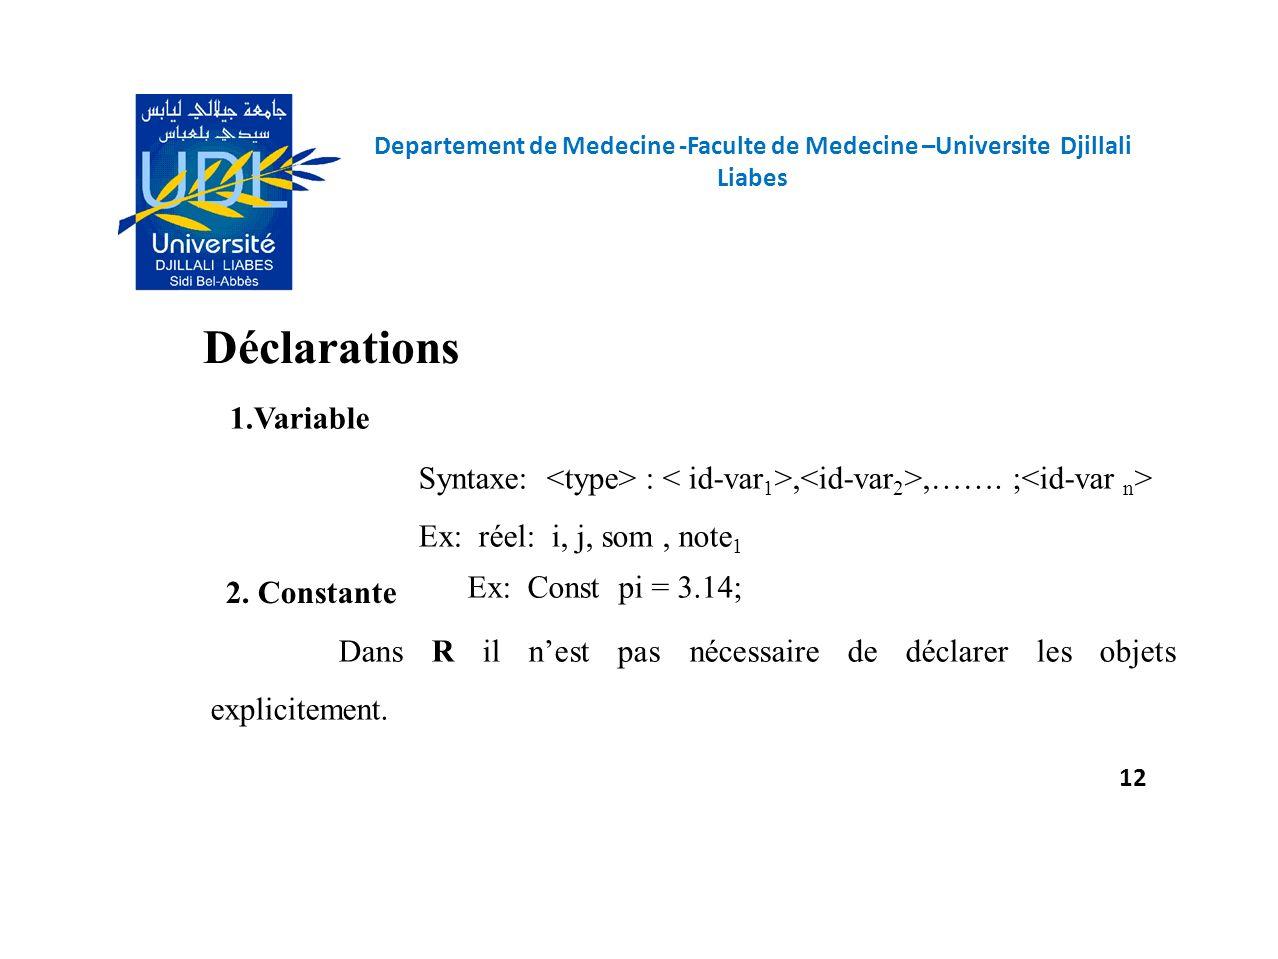 Déclarations 1.Variable Syntaxe: :,,……. ; Ex: réel: i, j, som, note 1 Dans R il nest pas nécessaire de déclarer les objets explicitement. 2. Constante